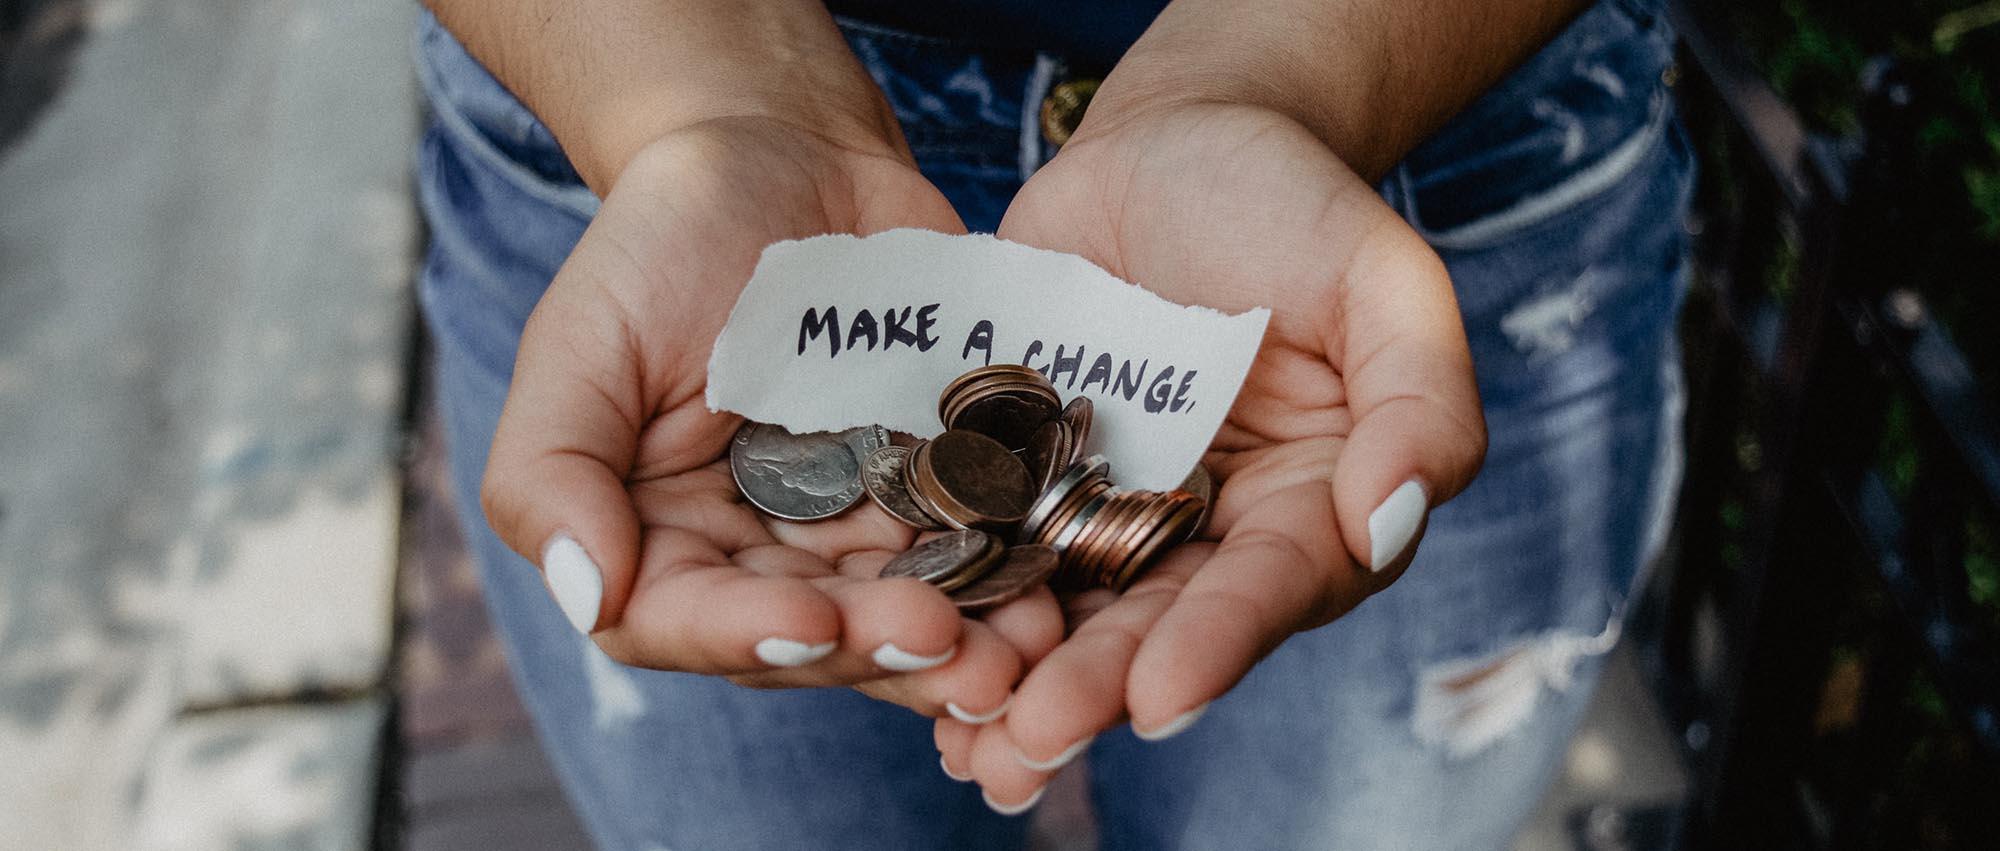 Từ thiện hay không từ thiện